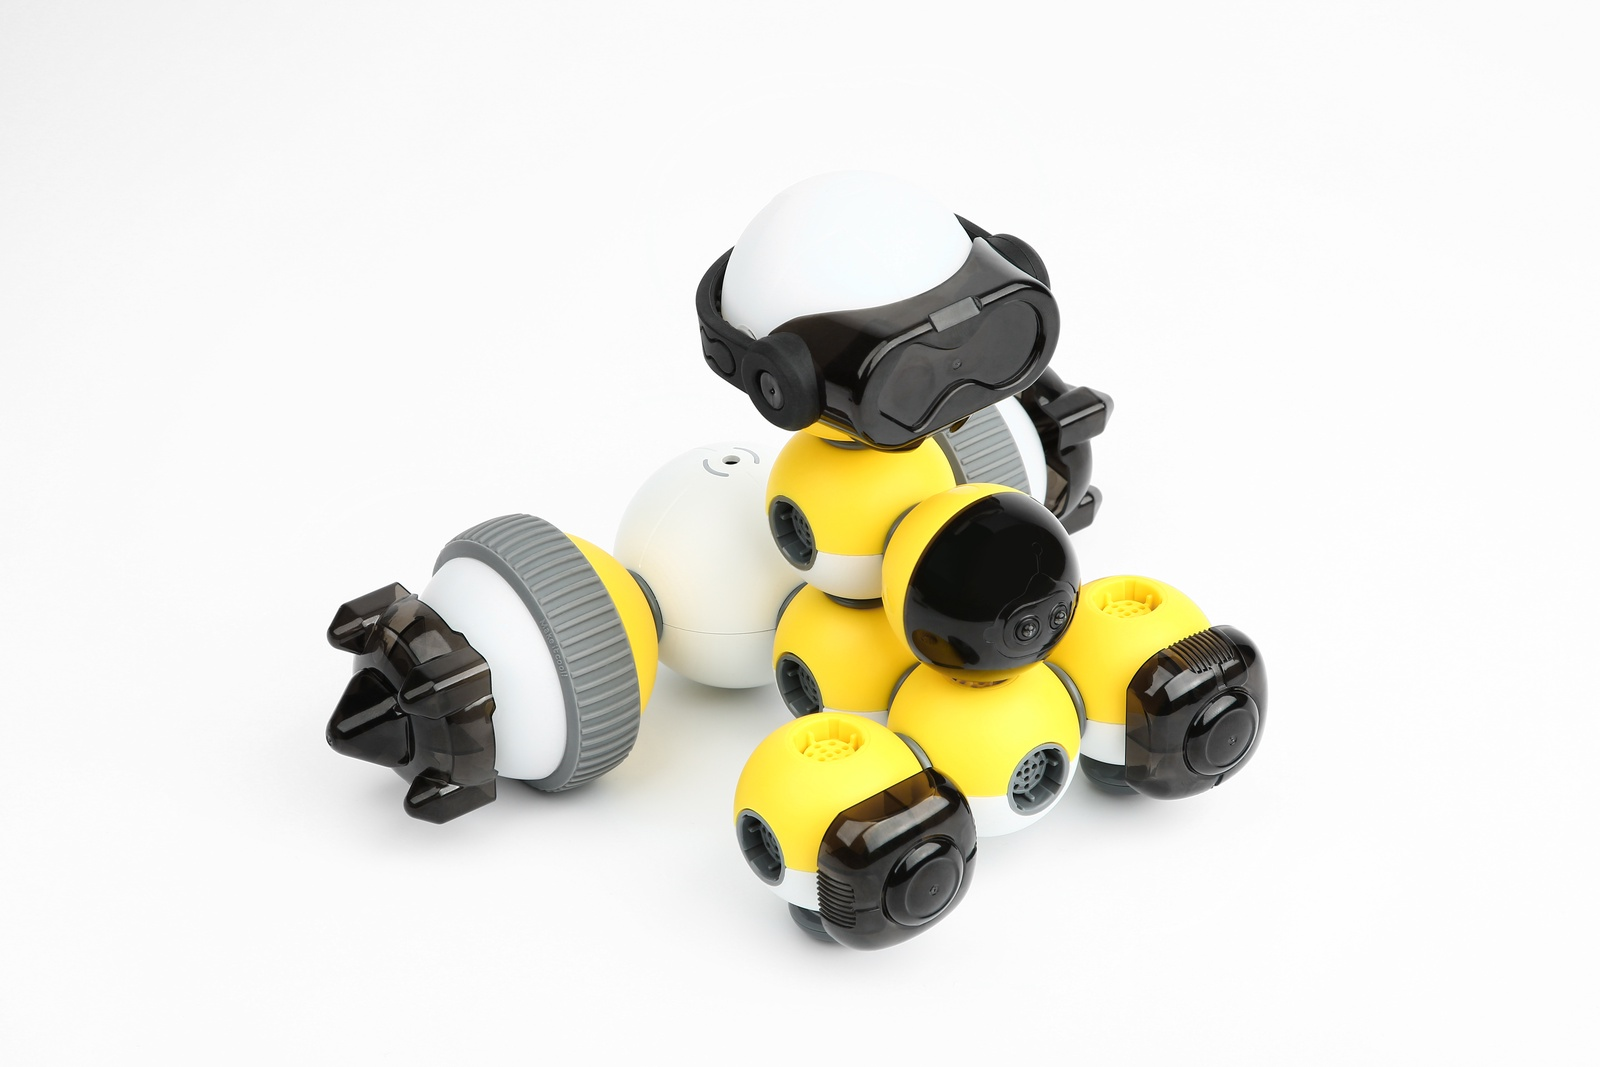 Программируемый робот Bell Robot Детский конструктор-робот Mabot B Детский конструктор-робот Mabot B (Advance Kit). Бесконечные...